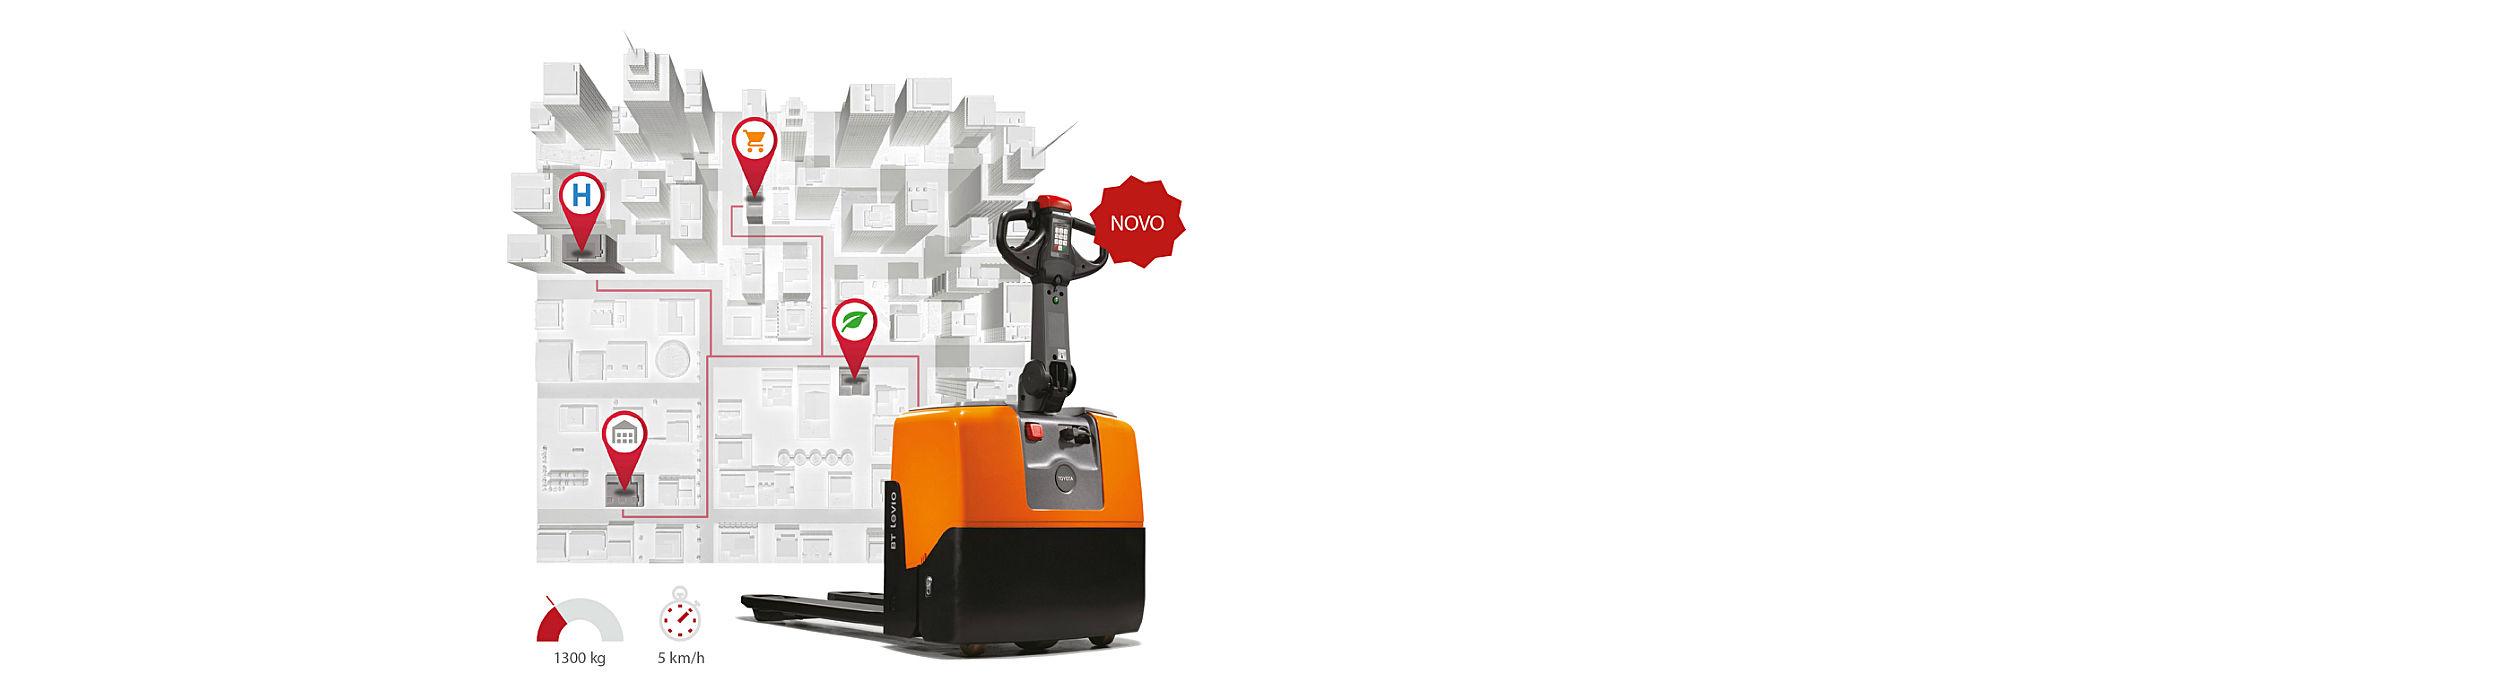 Promova movimentos de carga sem esforço. Porta paletes com carregador incorporado. Alimentação 220v (rede doméstica)